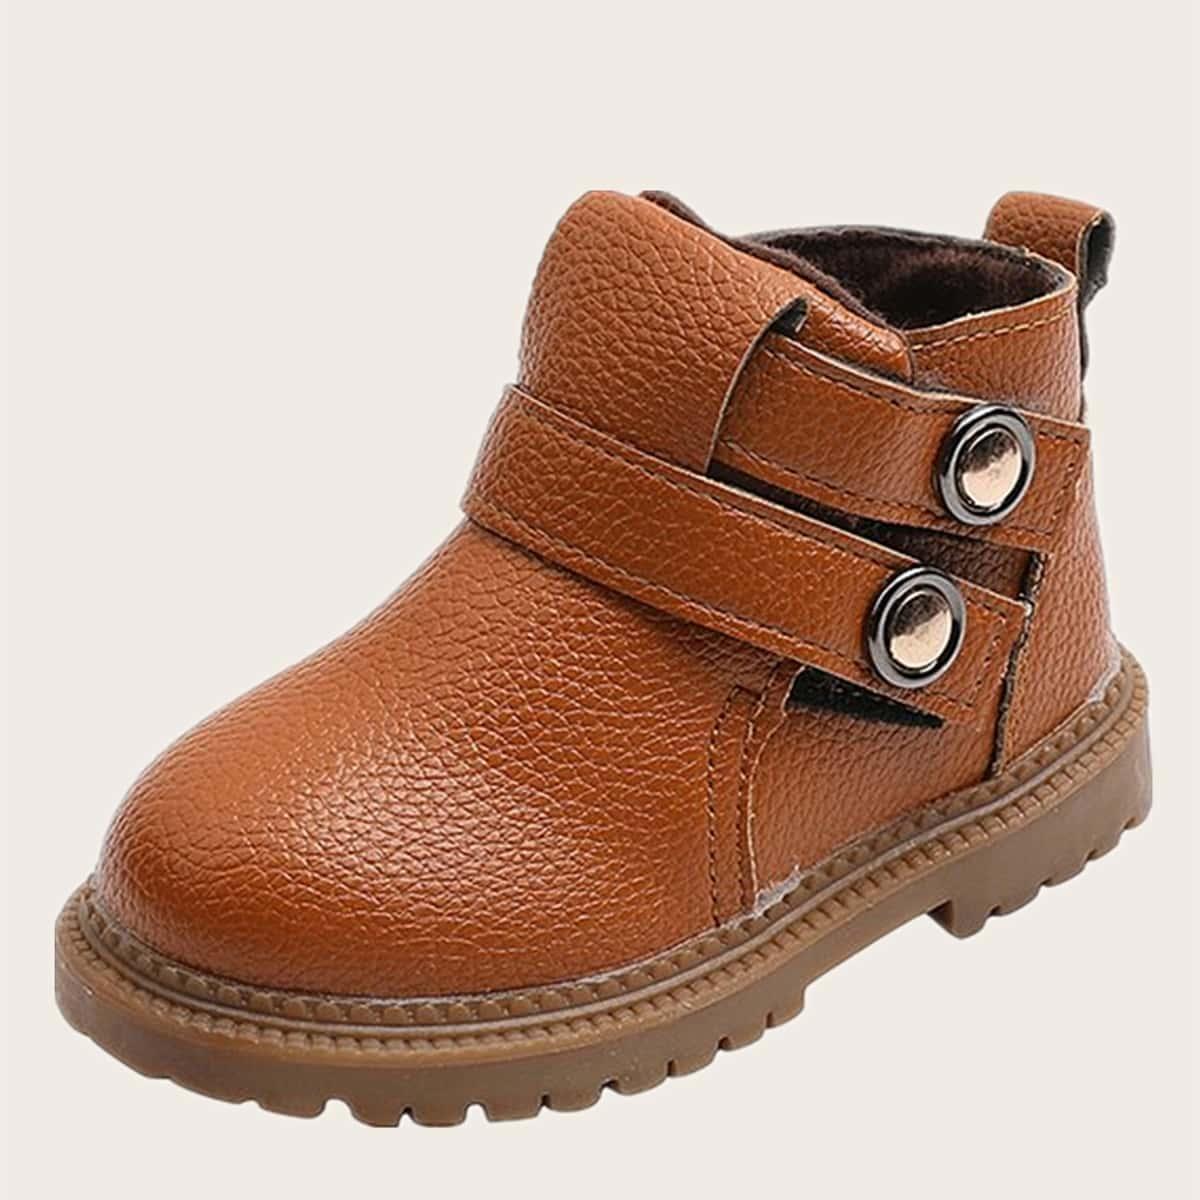 Ботинки с пуговицами для девочек SheIn sk2107272841833035